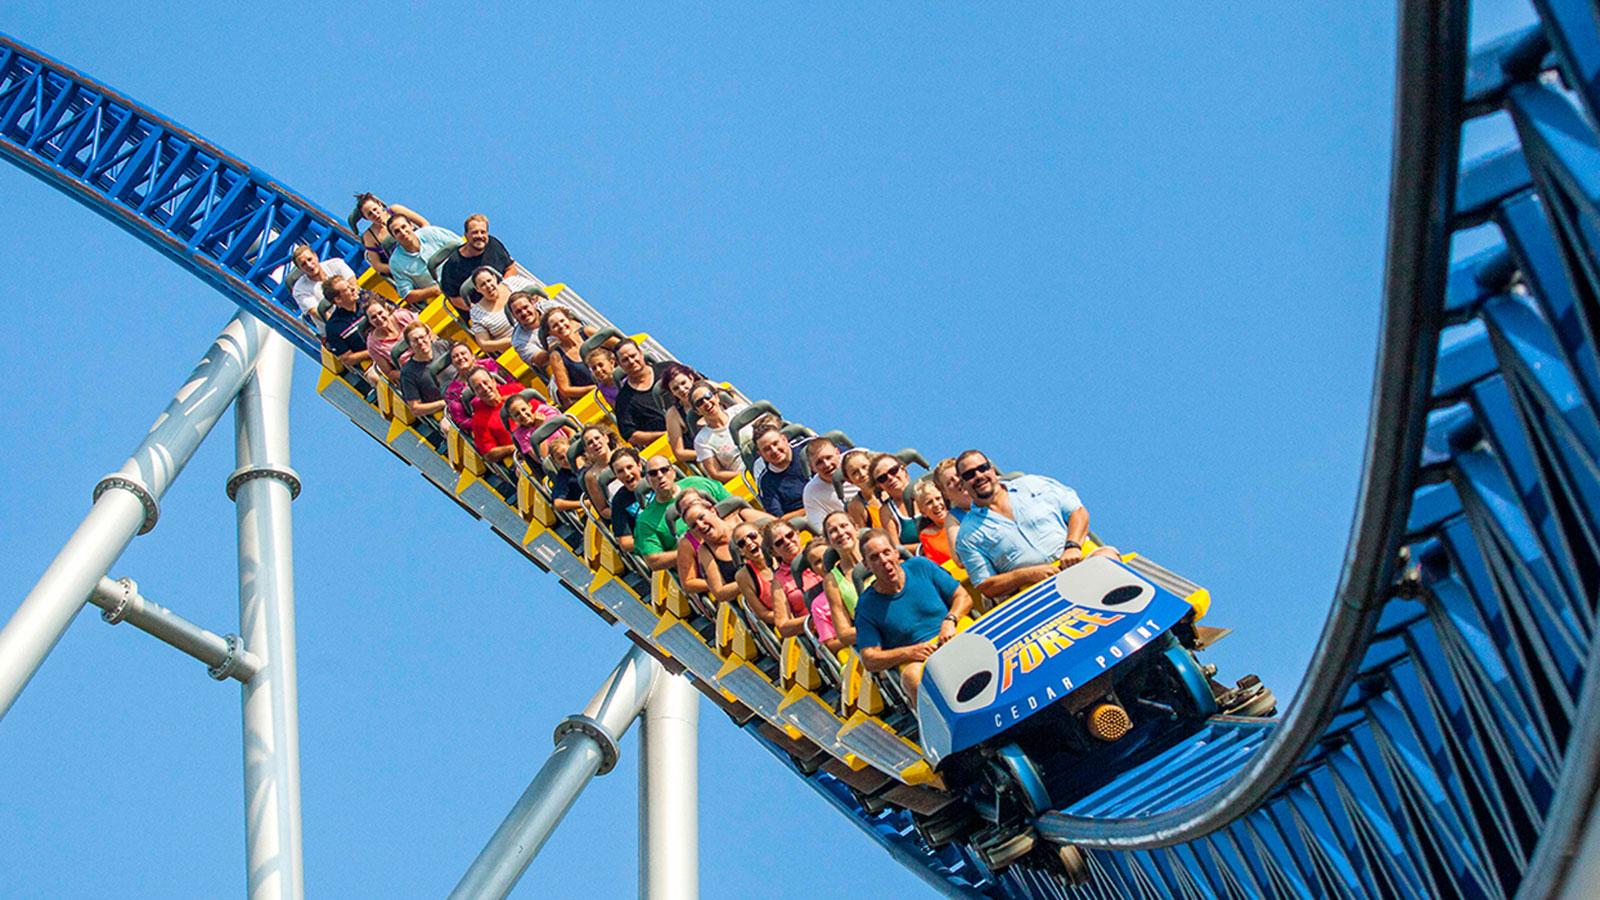 Most dangerous theme park rides